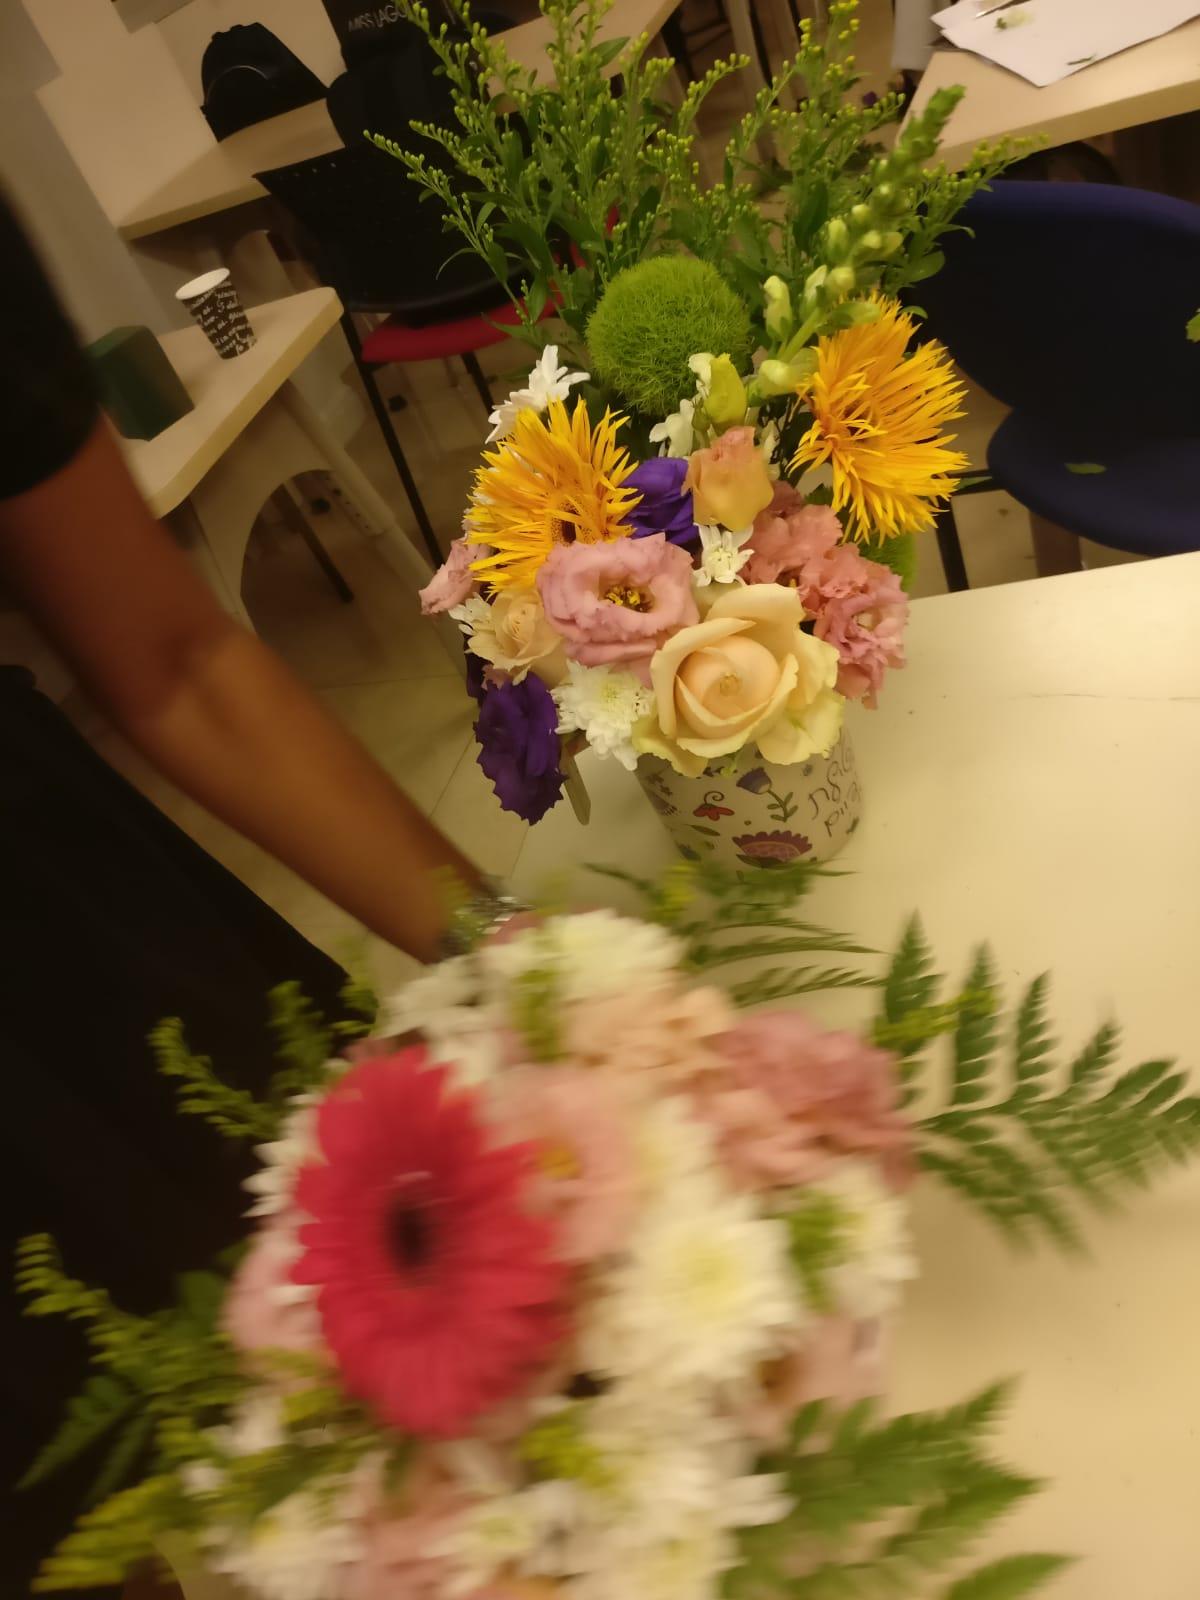 גלרייה - שיעור שזירת פרחים - קורס הפקת אירועים מחזור 23, 27 מתוך 32